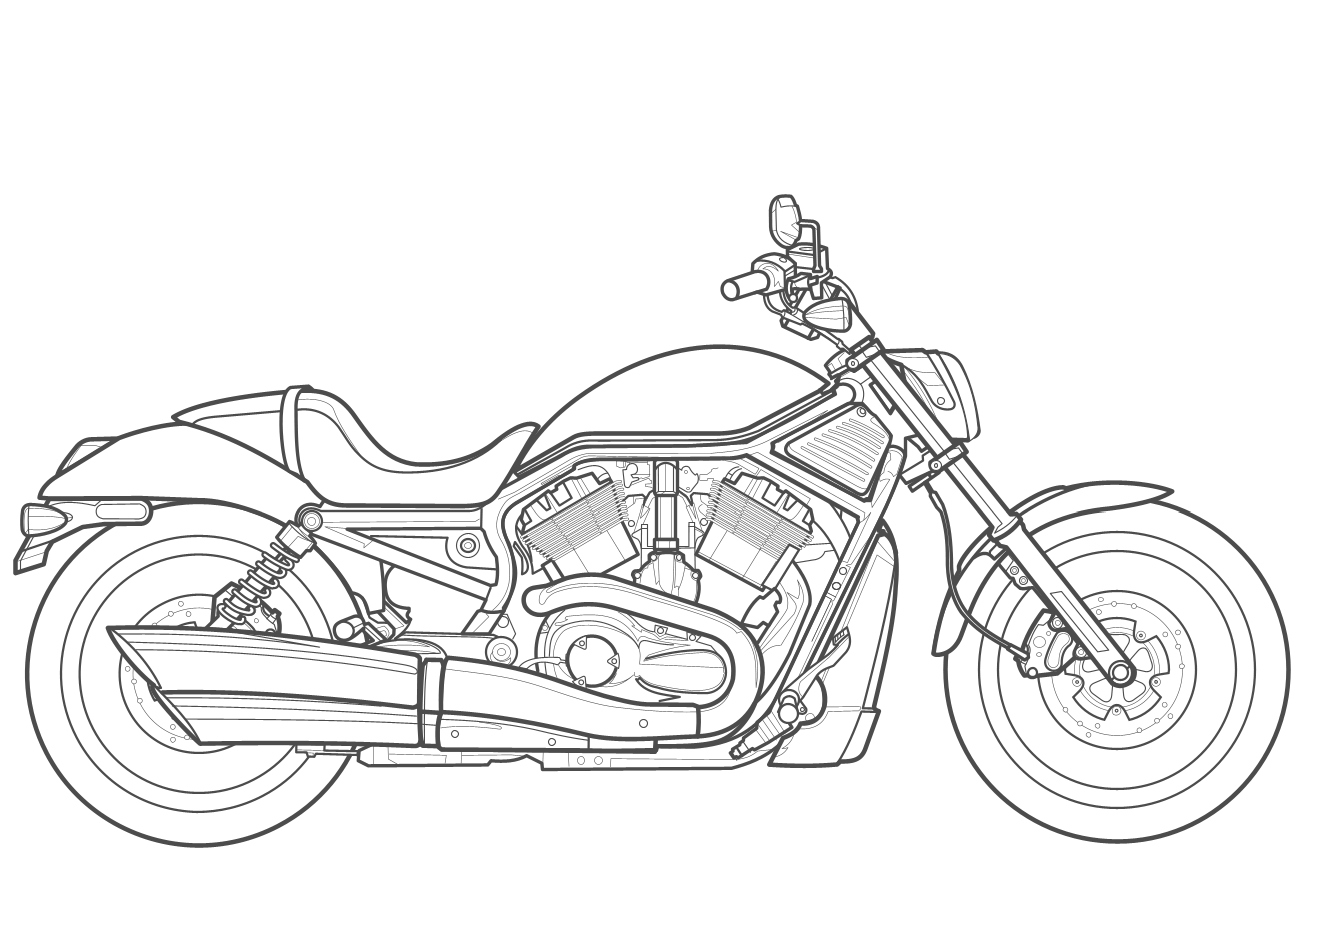 Harley Davidson Logo Drawing At Getdrawings